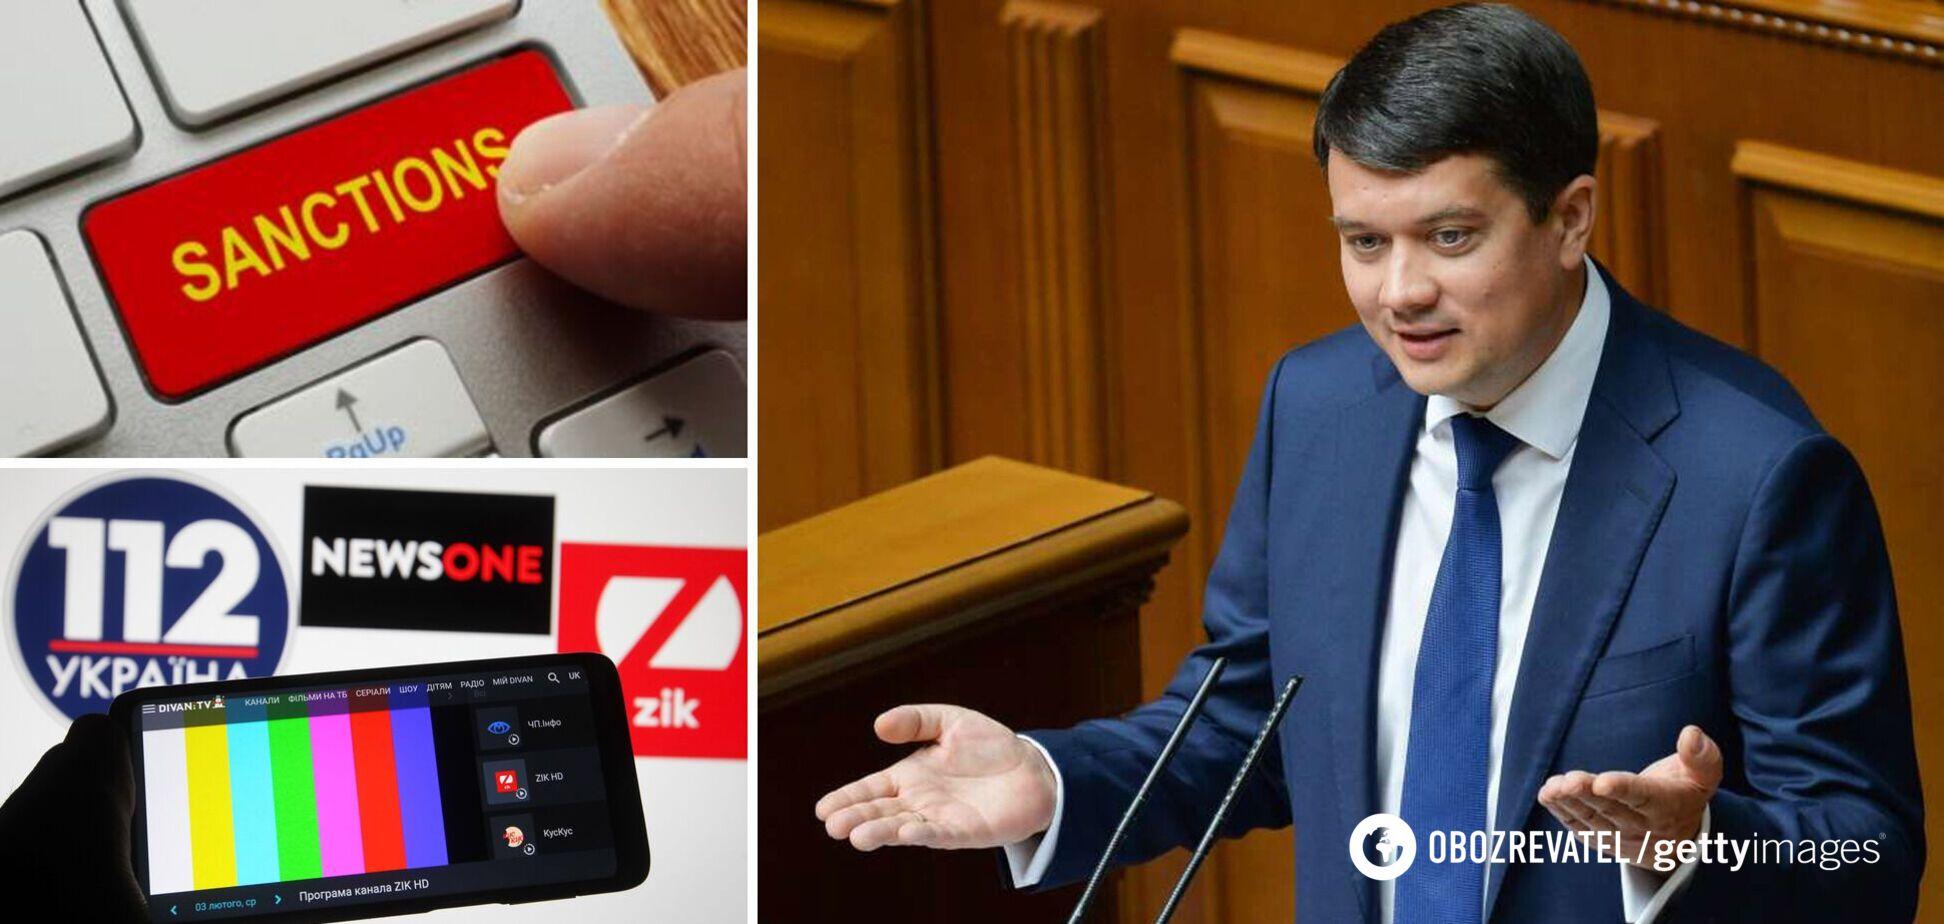 Санкції РНБО проти каналів Медведчука – Разумков